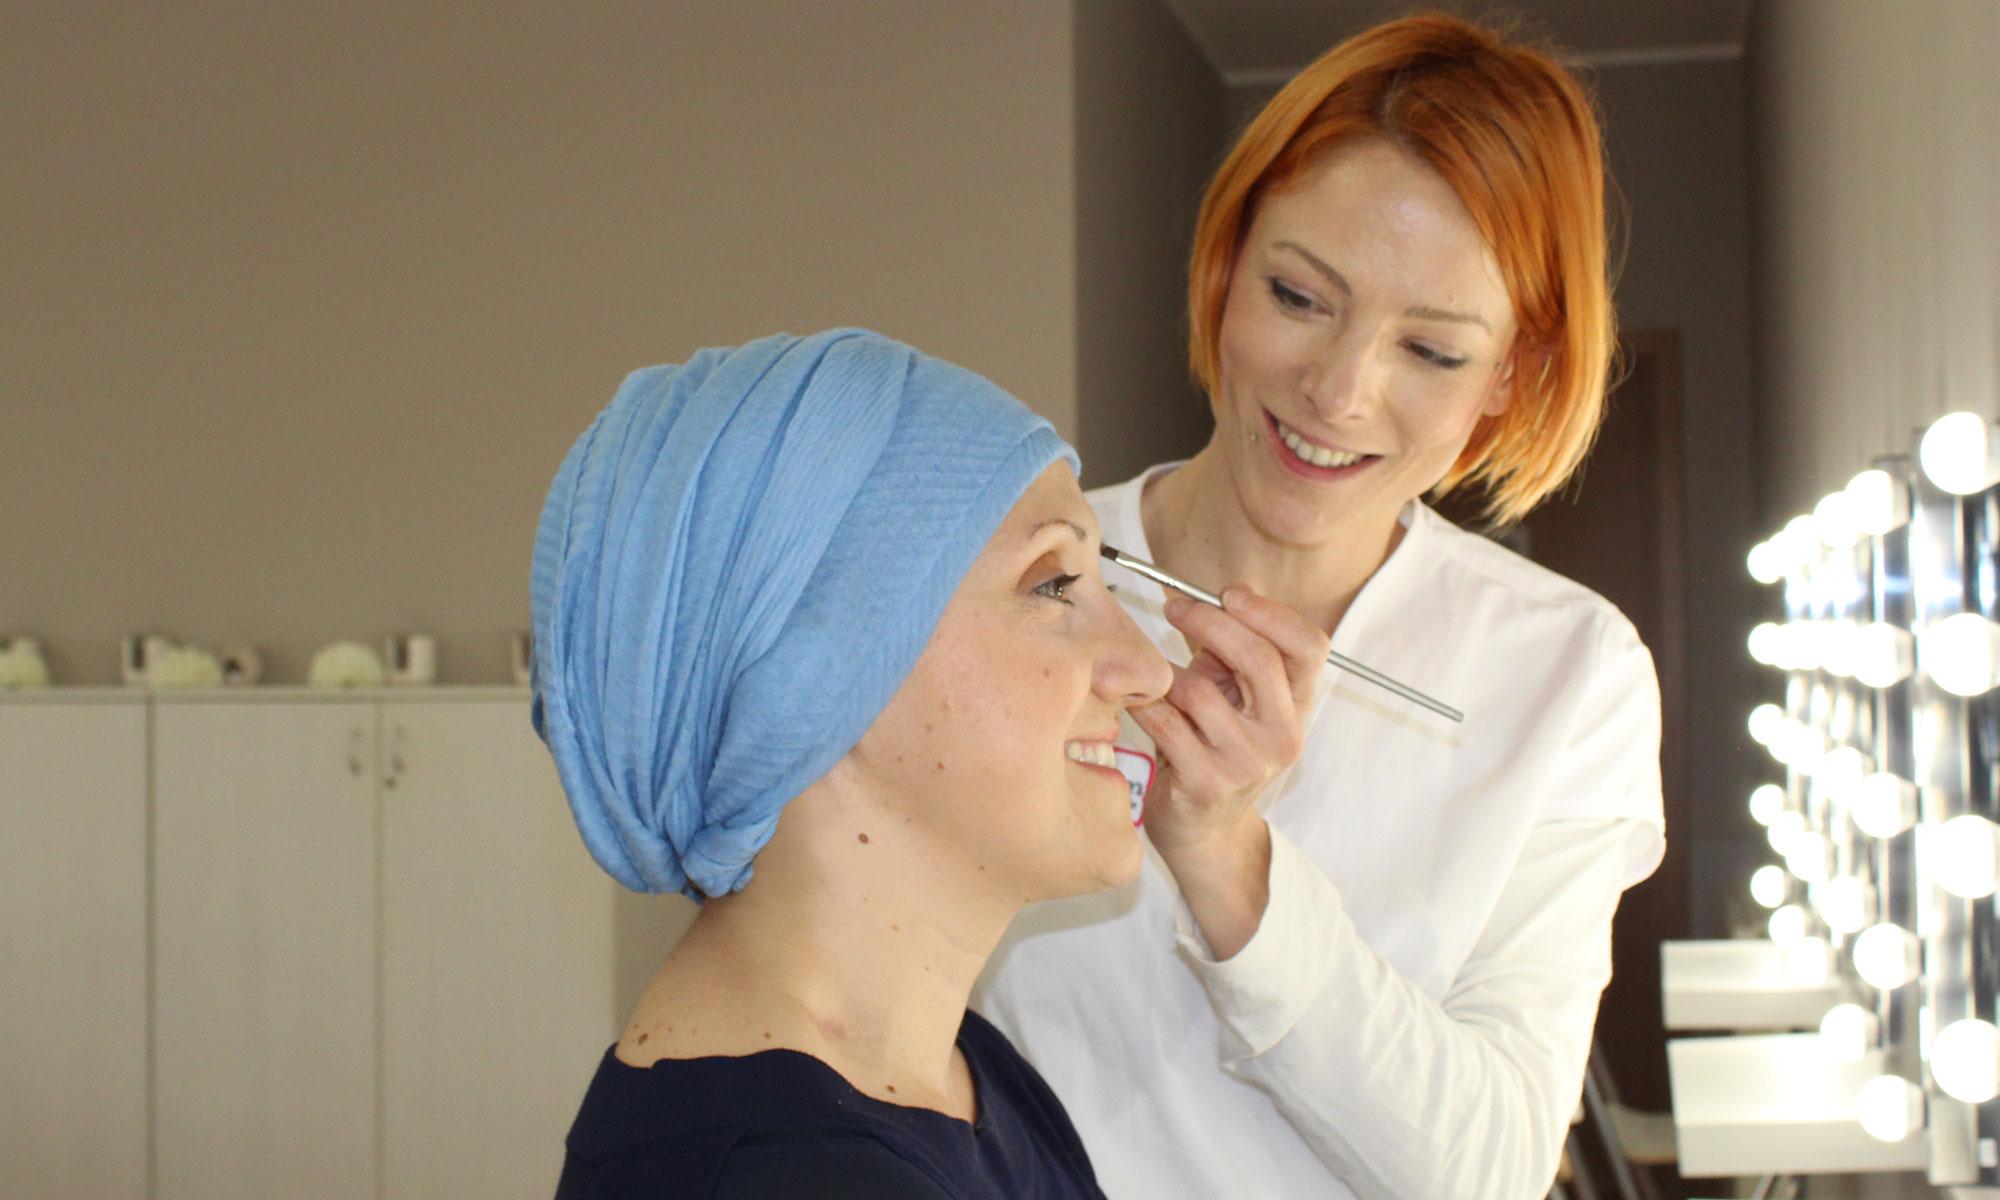 ISpEO - Istituto di Specializzazione in Estetica Oncologica